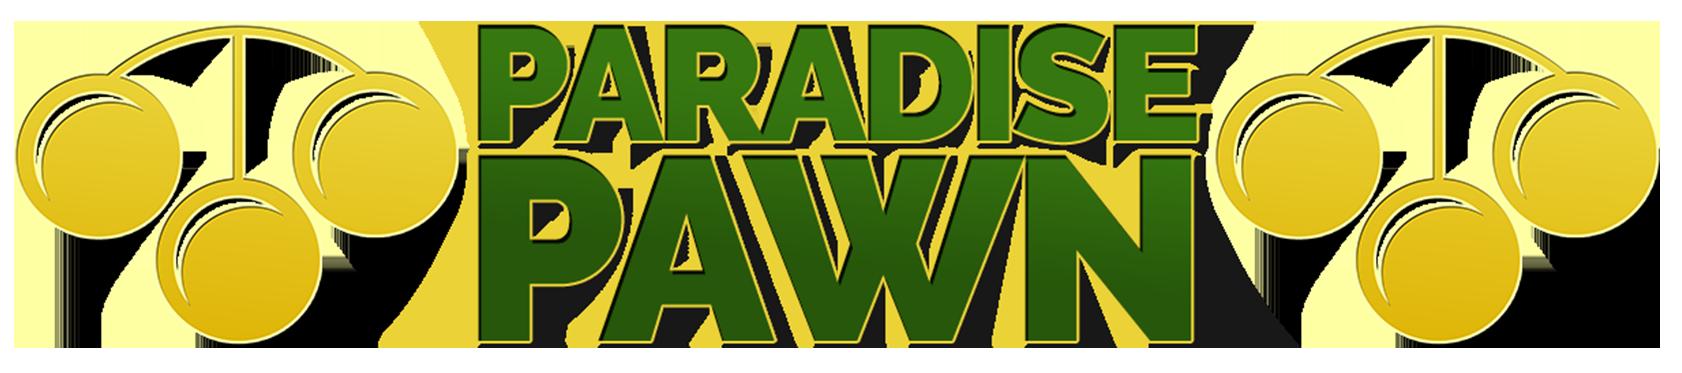 Paradise Pawn Shop